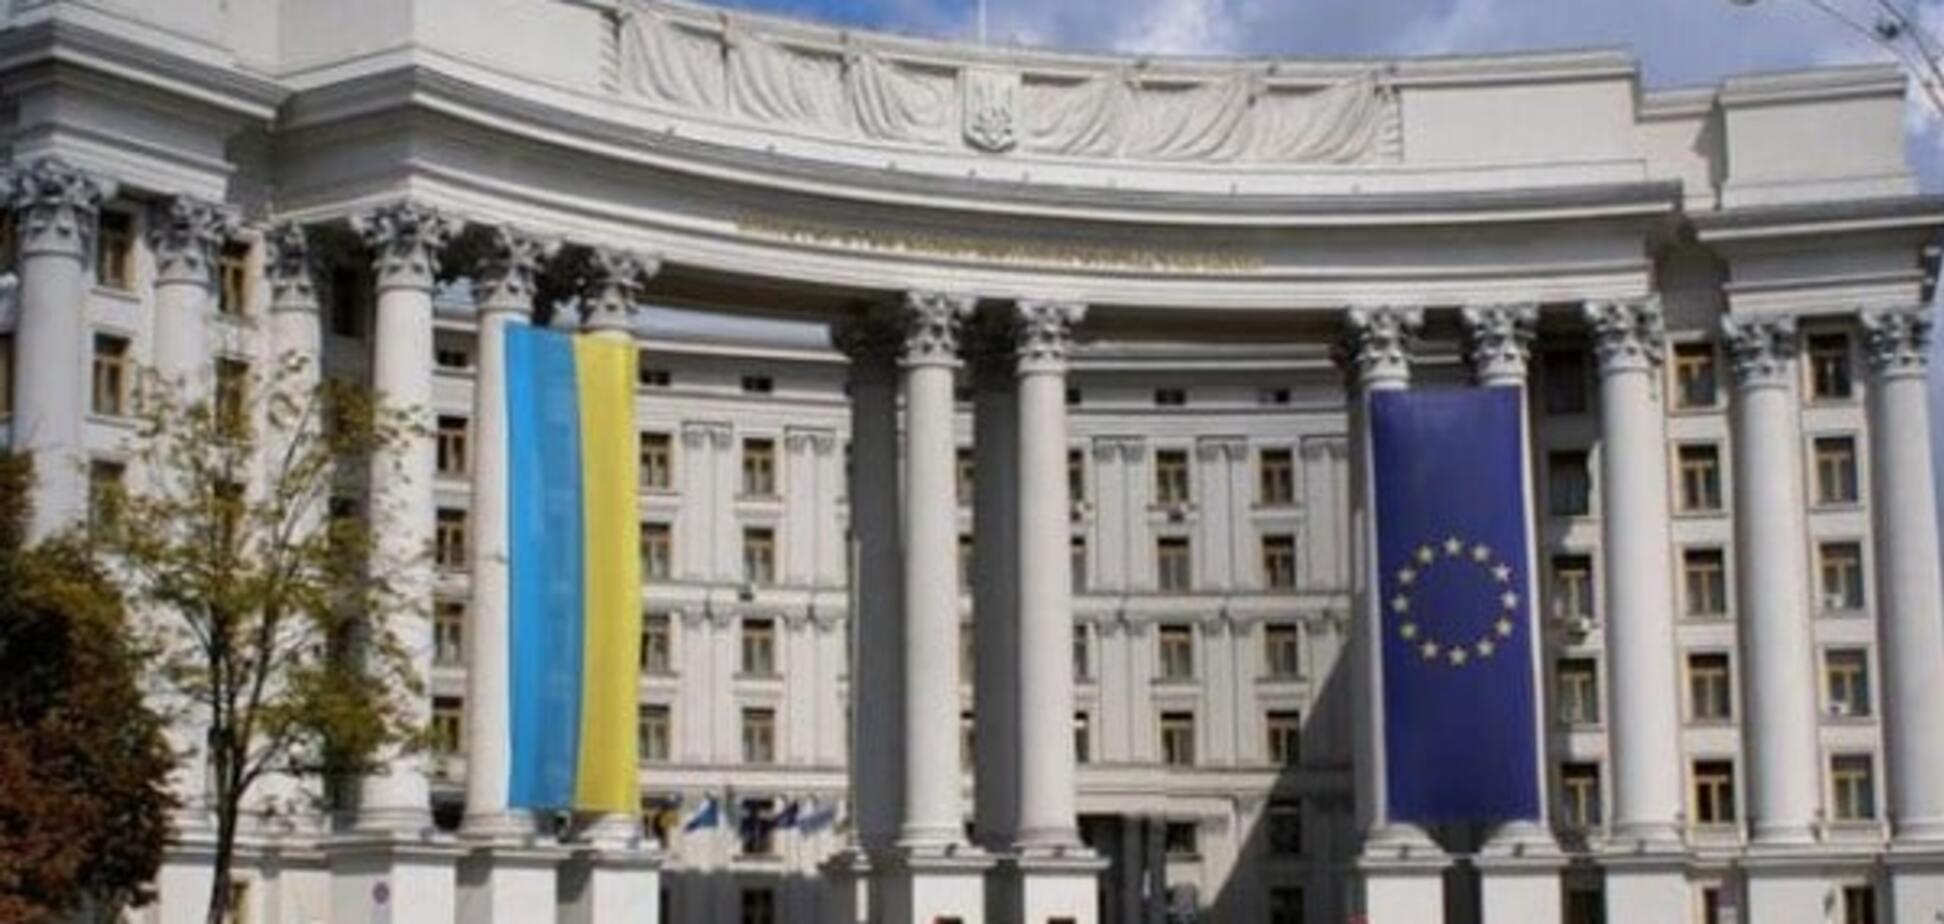 Грецькі бізнесмени відвідали окупантів у Криму, Київ відреагував